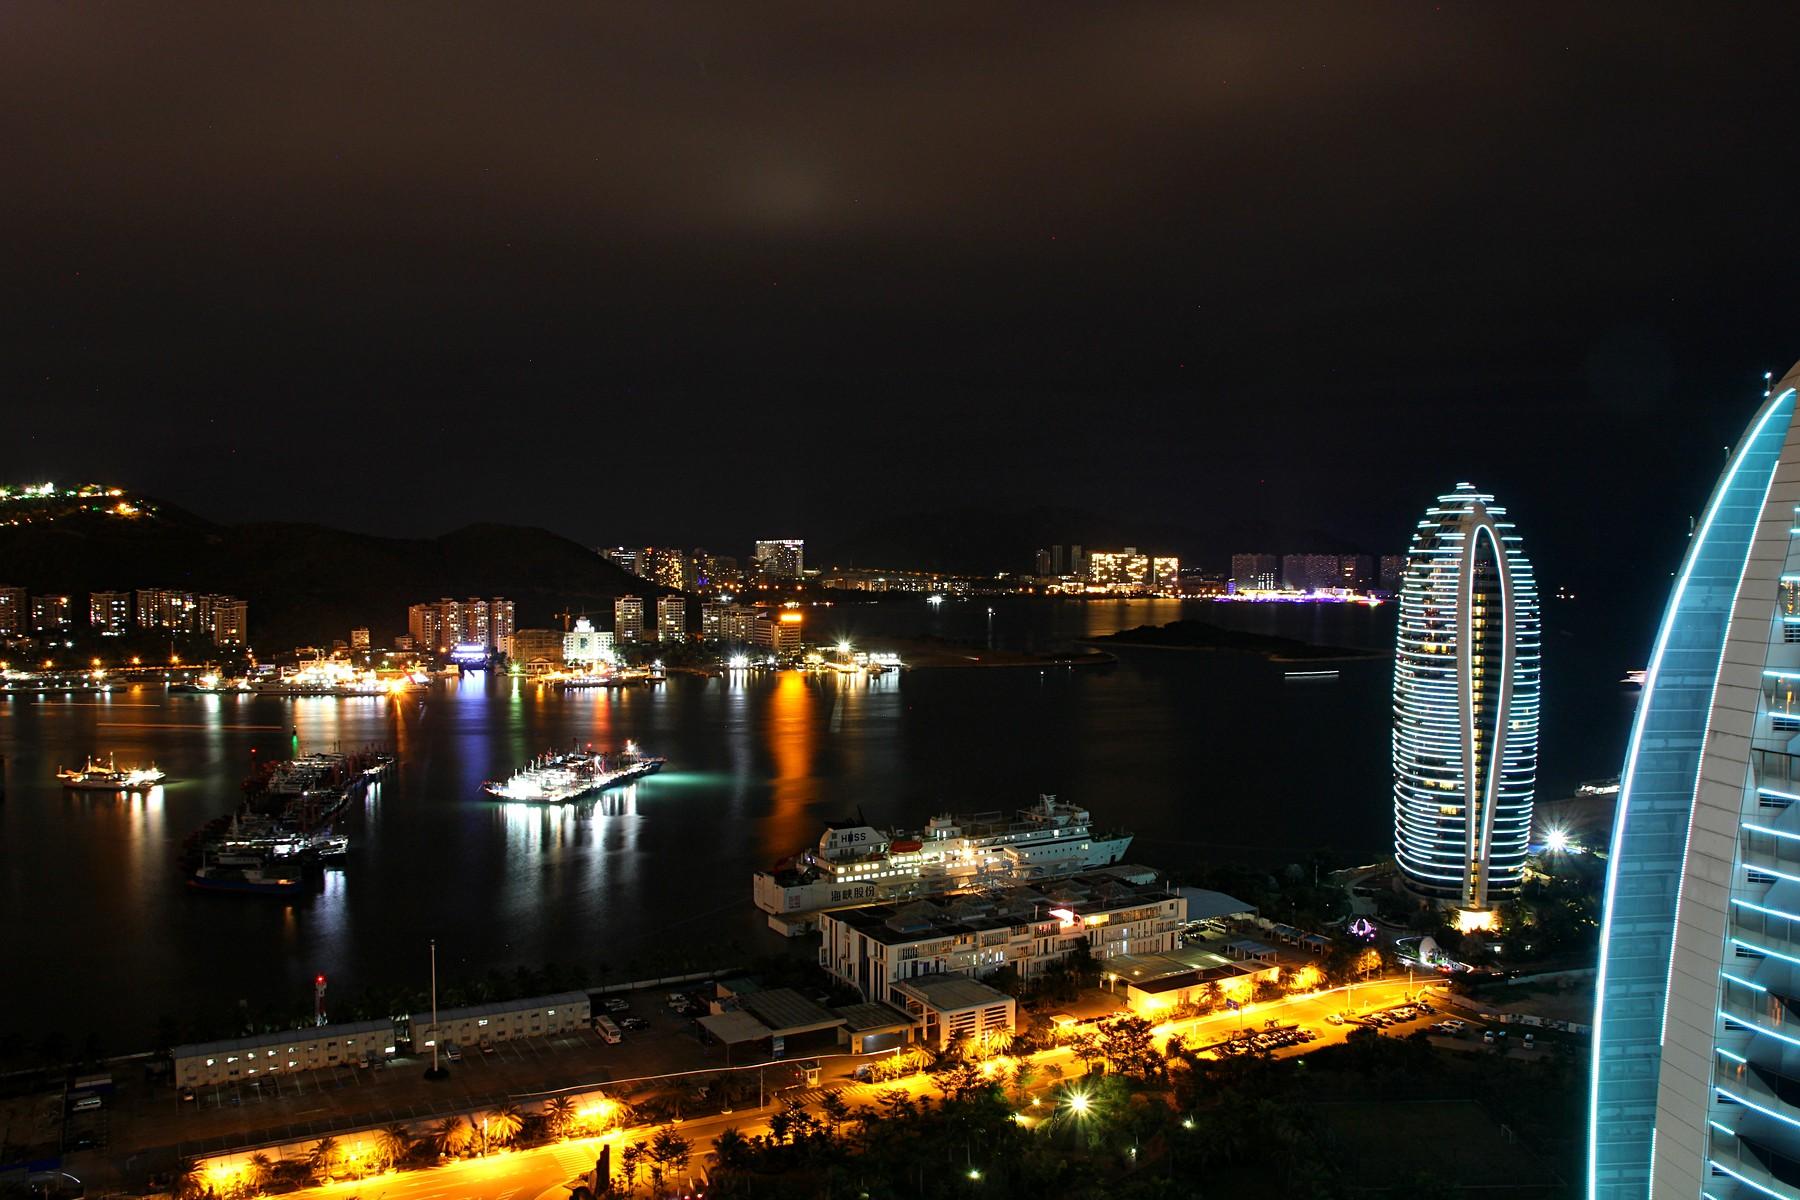 Ночной город Санья и небоскрёбы острова Феникс